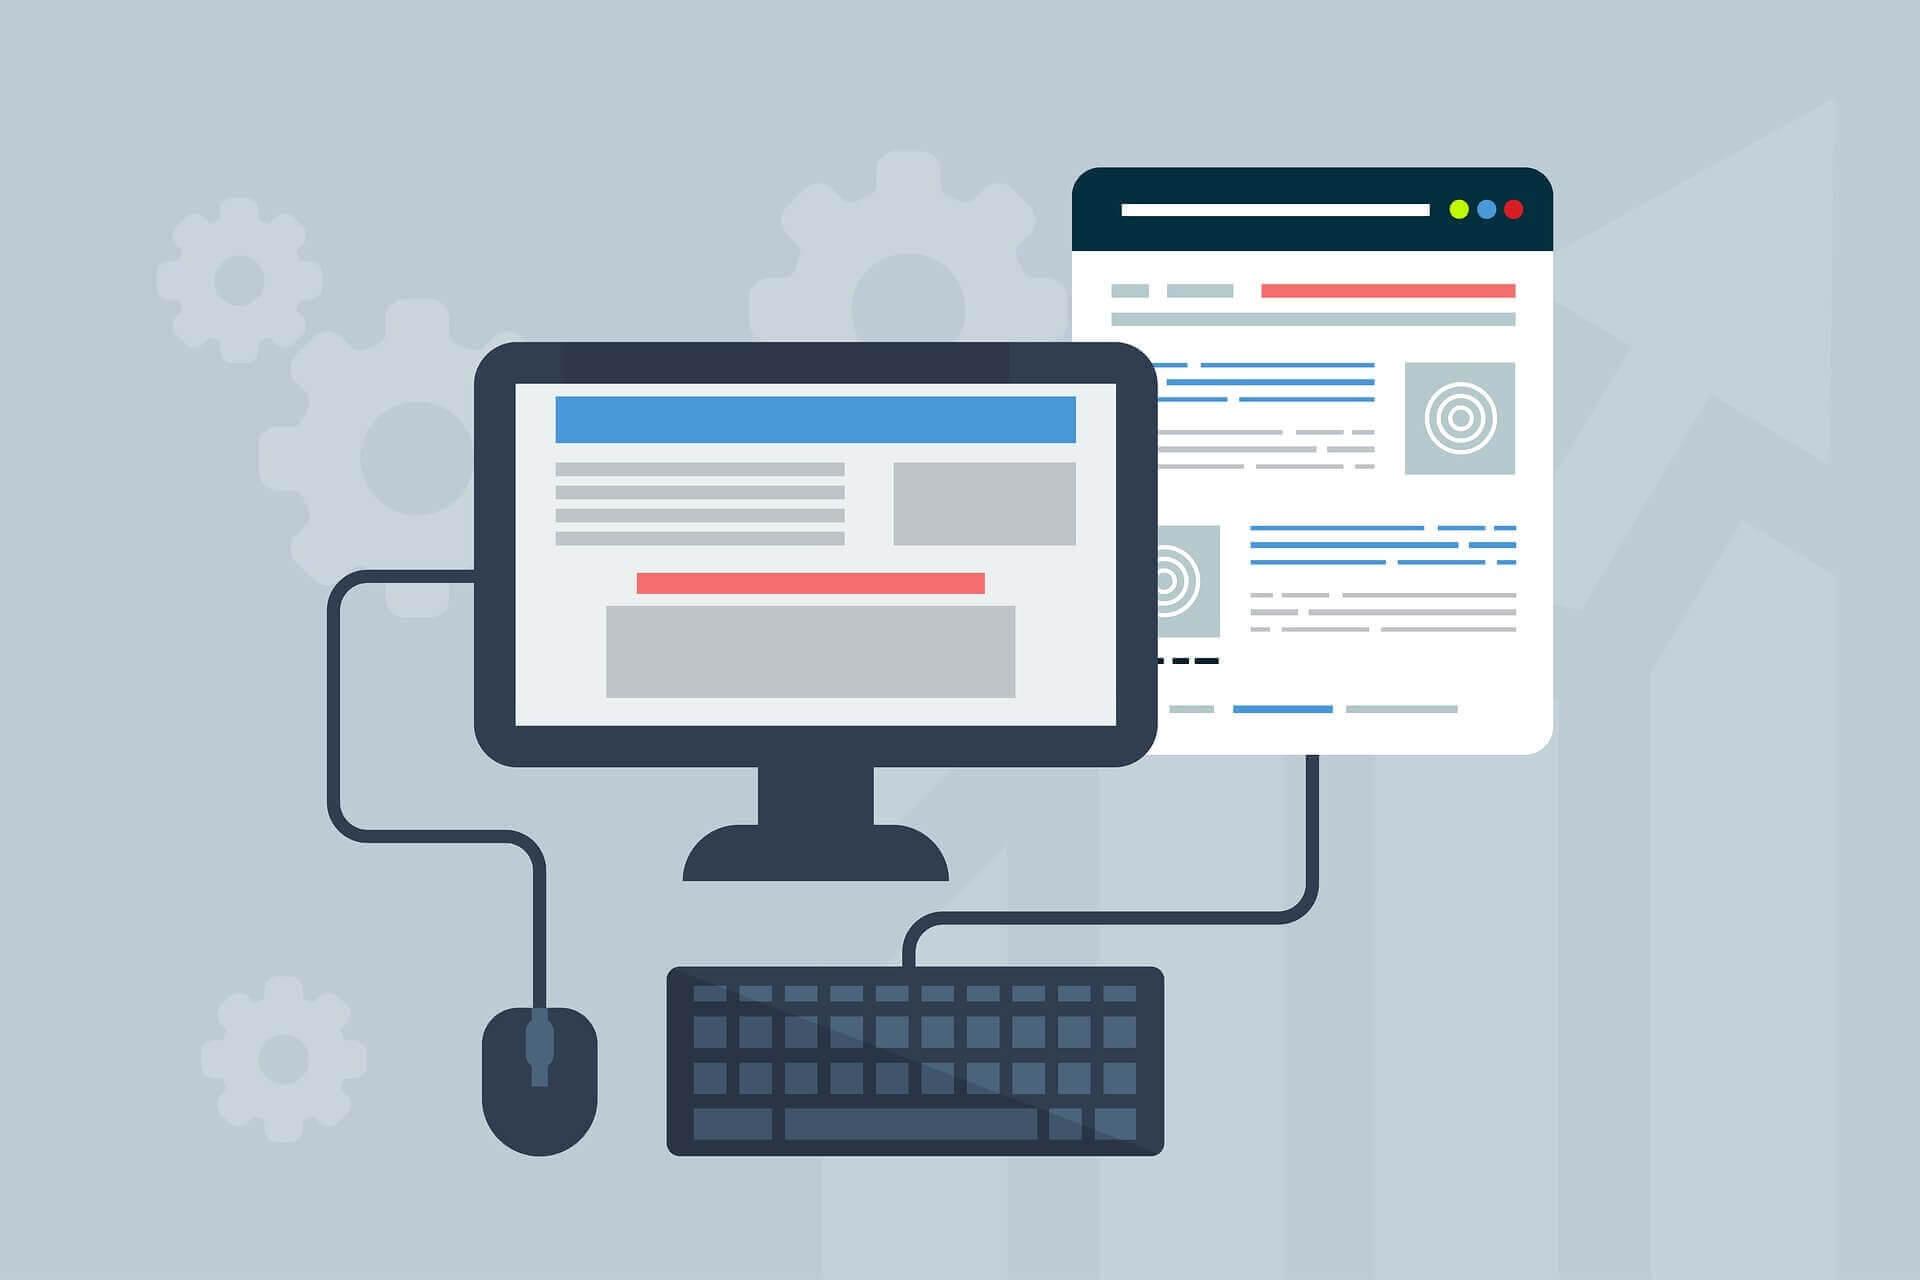 Webdesign in Wordpress en Drupal